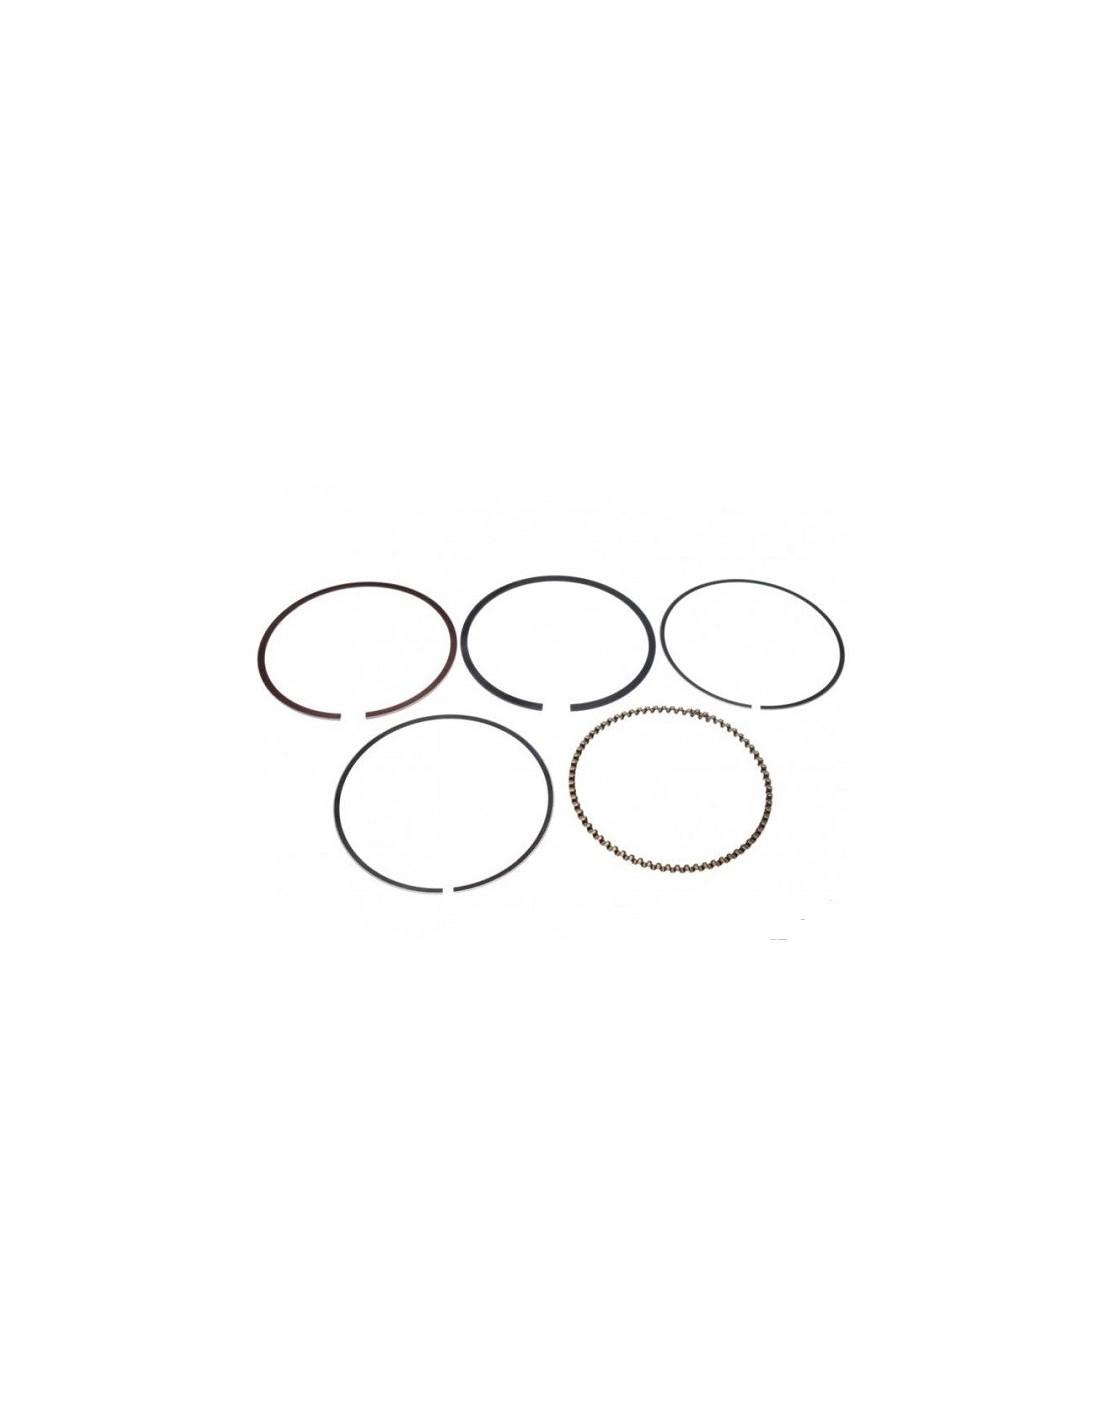 pierścienie tłoka poj 250 kpl